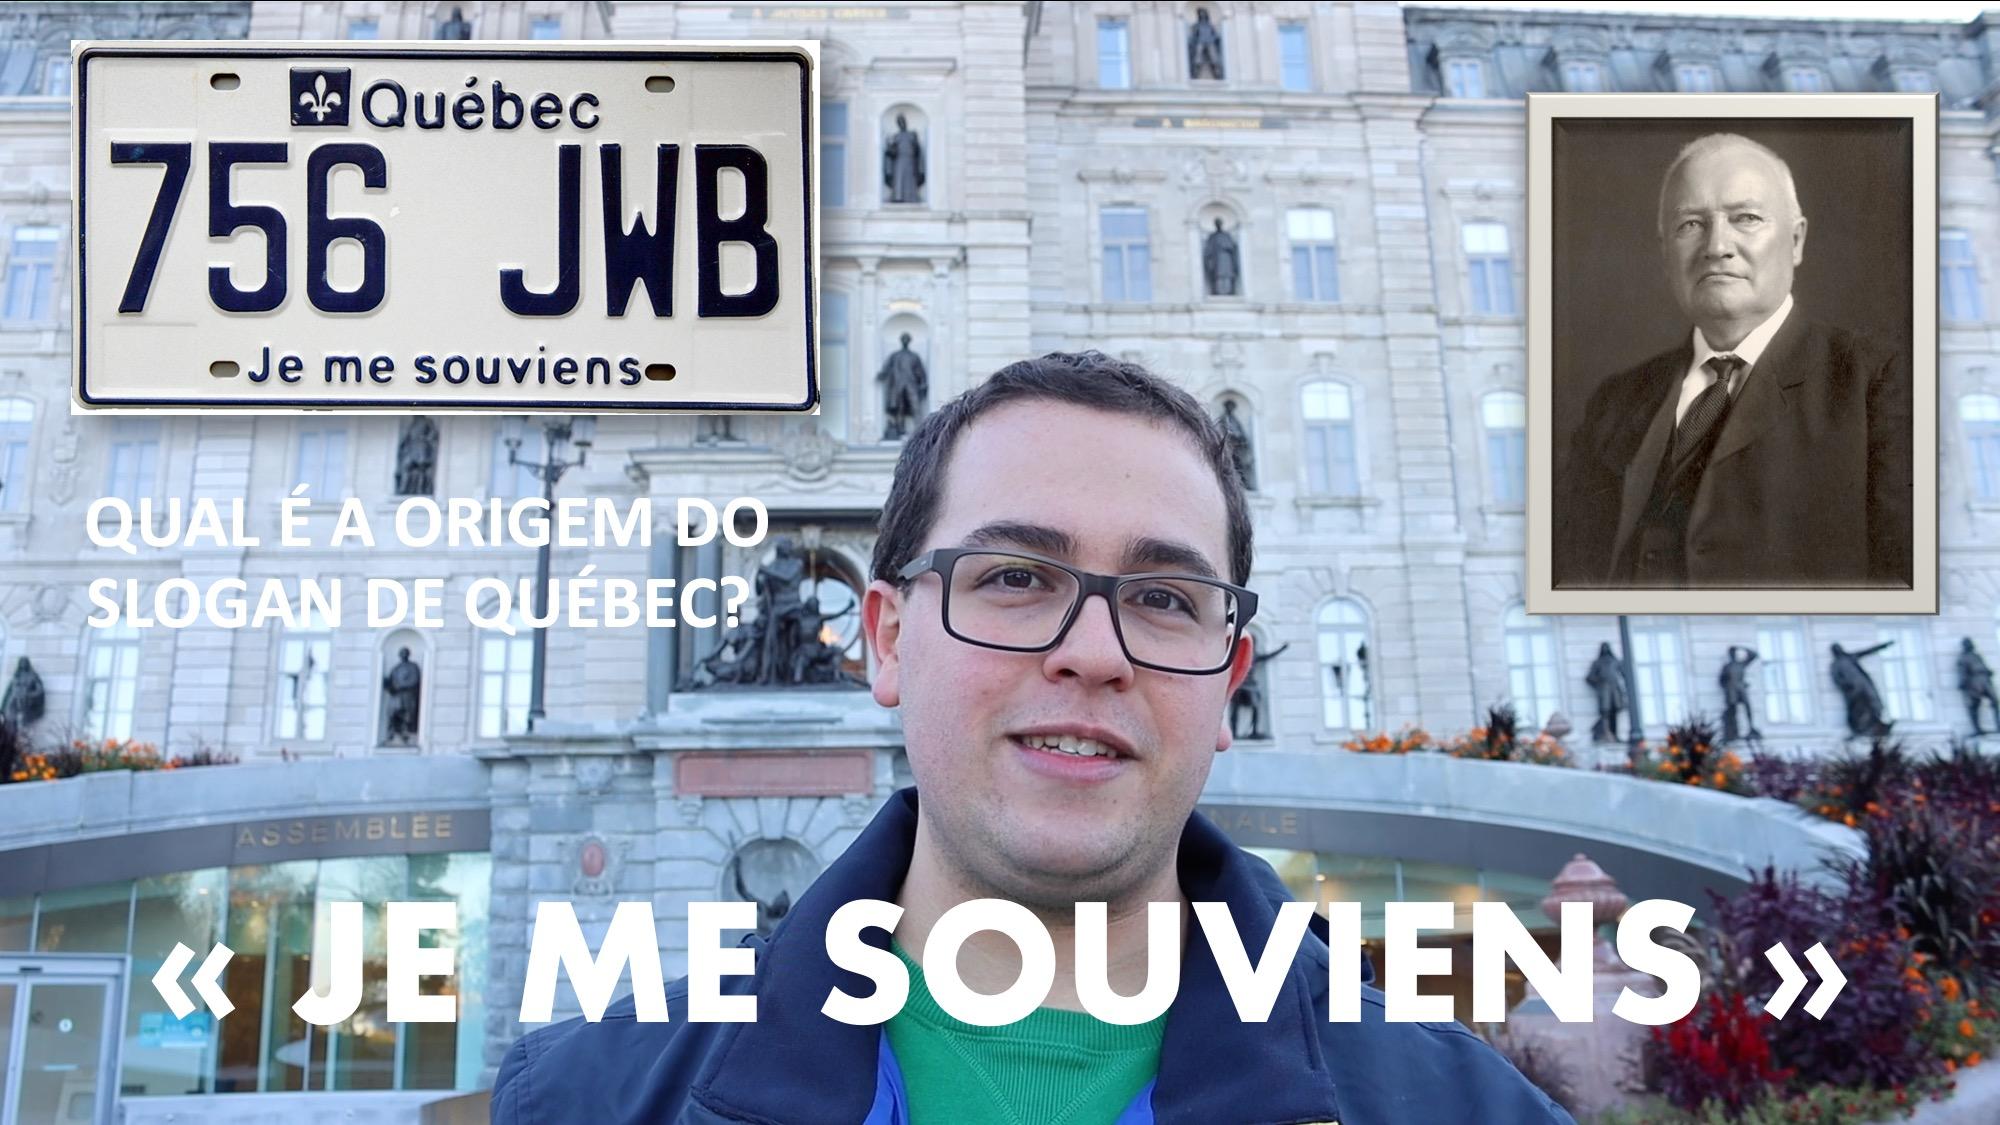 """Foto com a placa de carros de Québec e o slogan """"Je me souviens"""""""